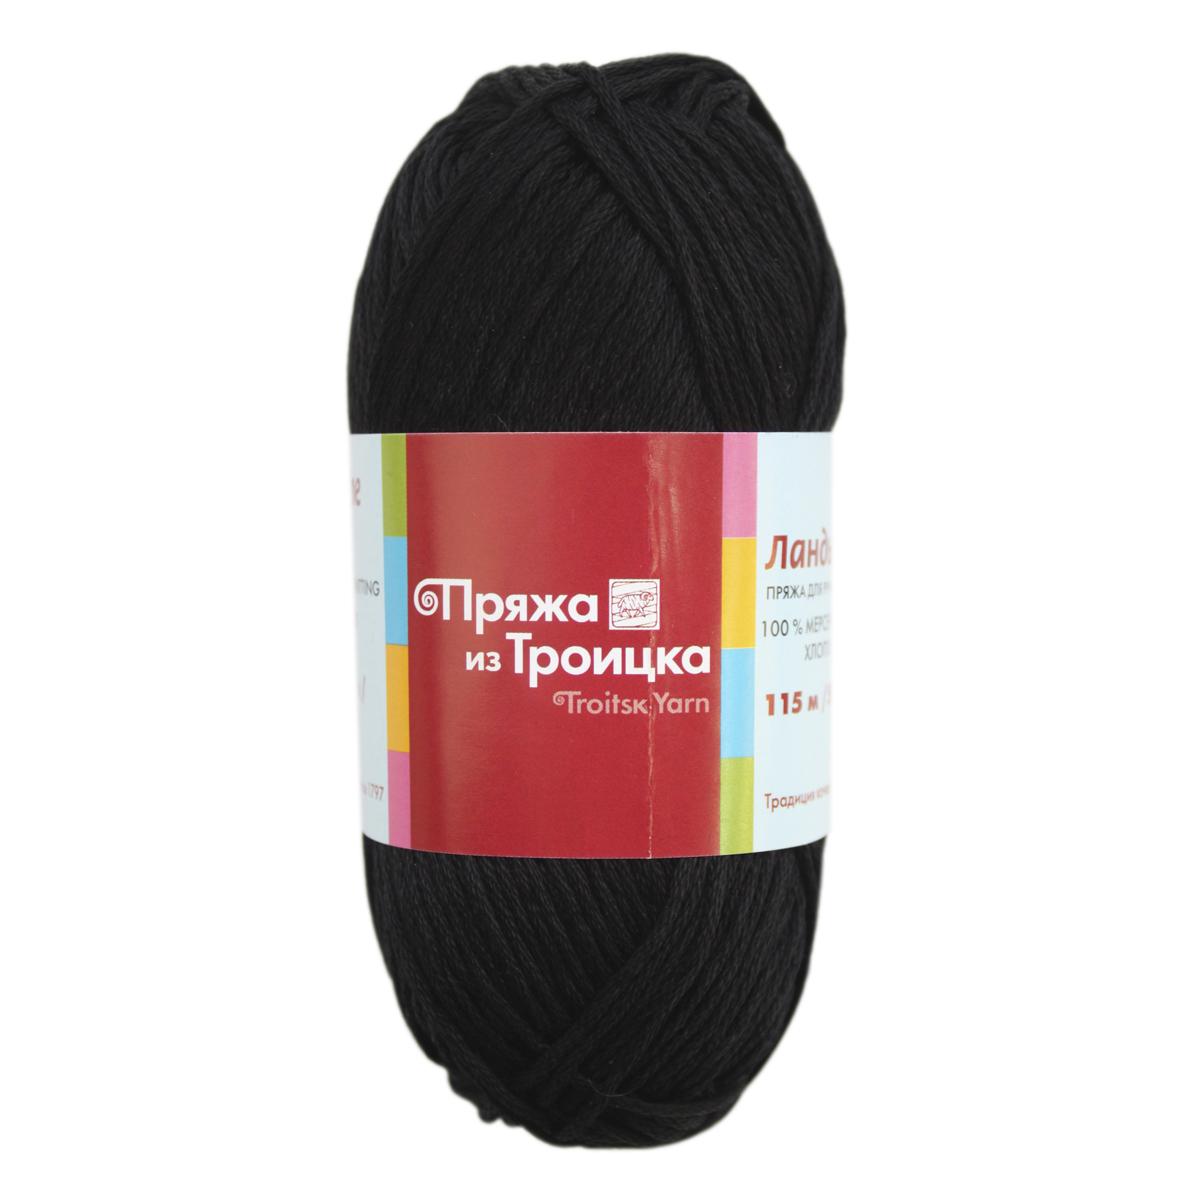 Пряжа для вязания Ландыш, 50 г, 115 м, цвет: 0140 черный, 10 шт366131_0140